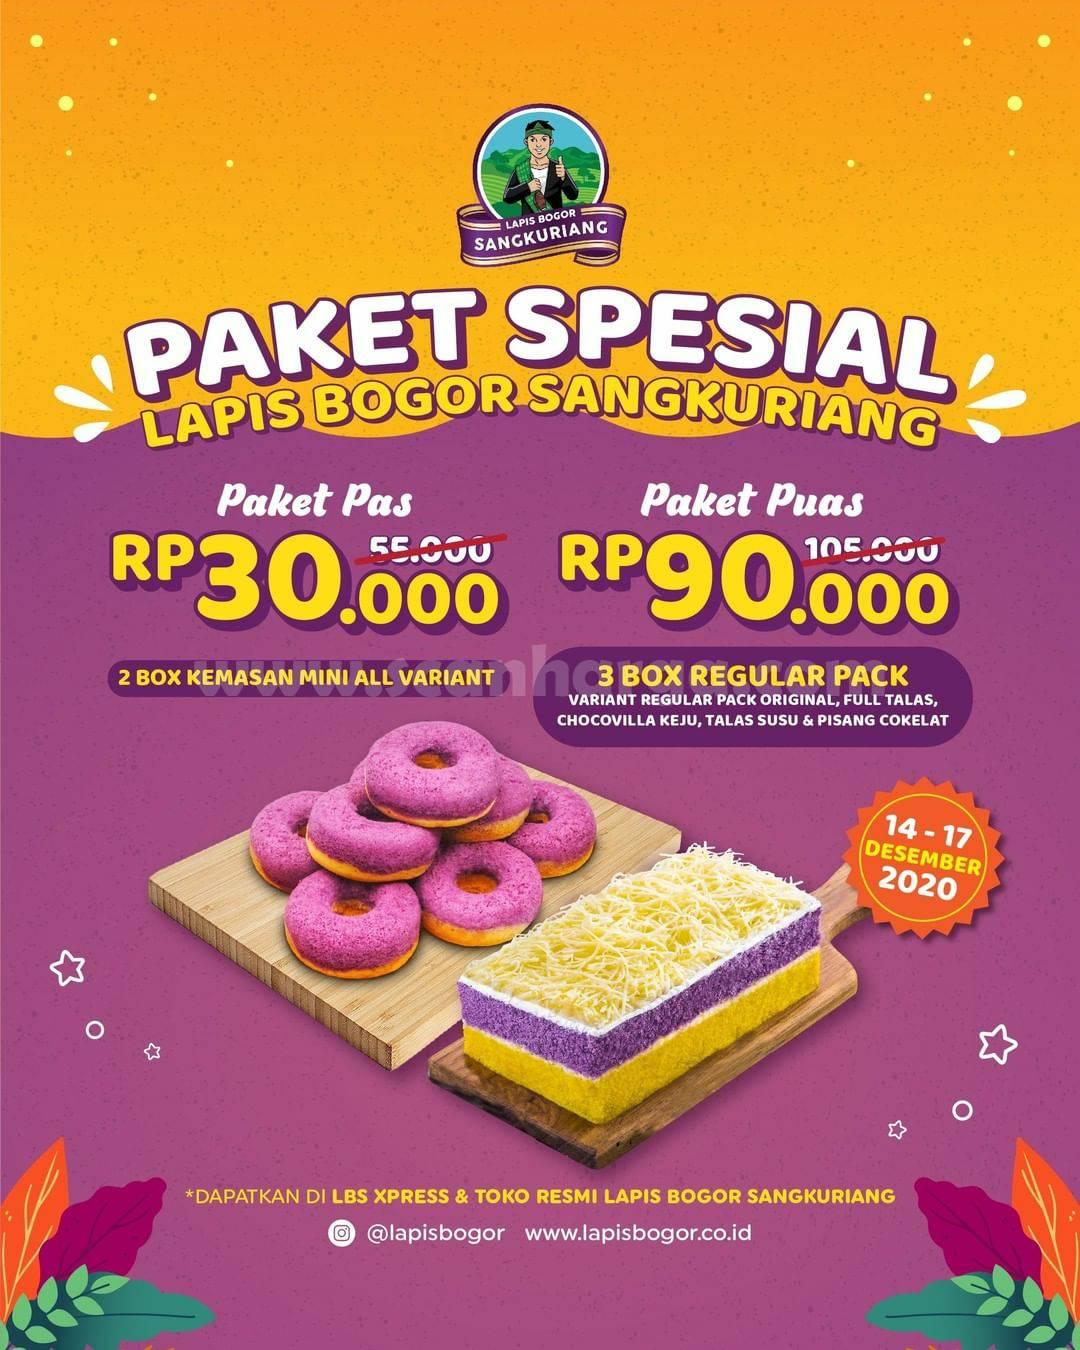 Promo Lapis Bogor Sangkuriang Paket Spesial Weekday Harga Mulai Rp 30.000